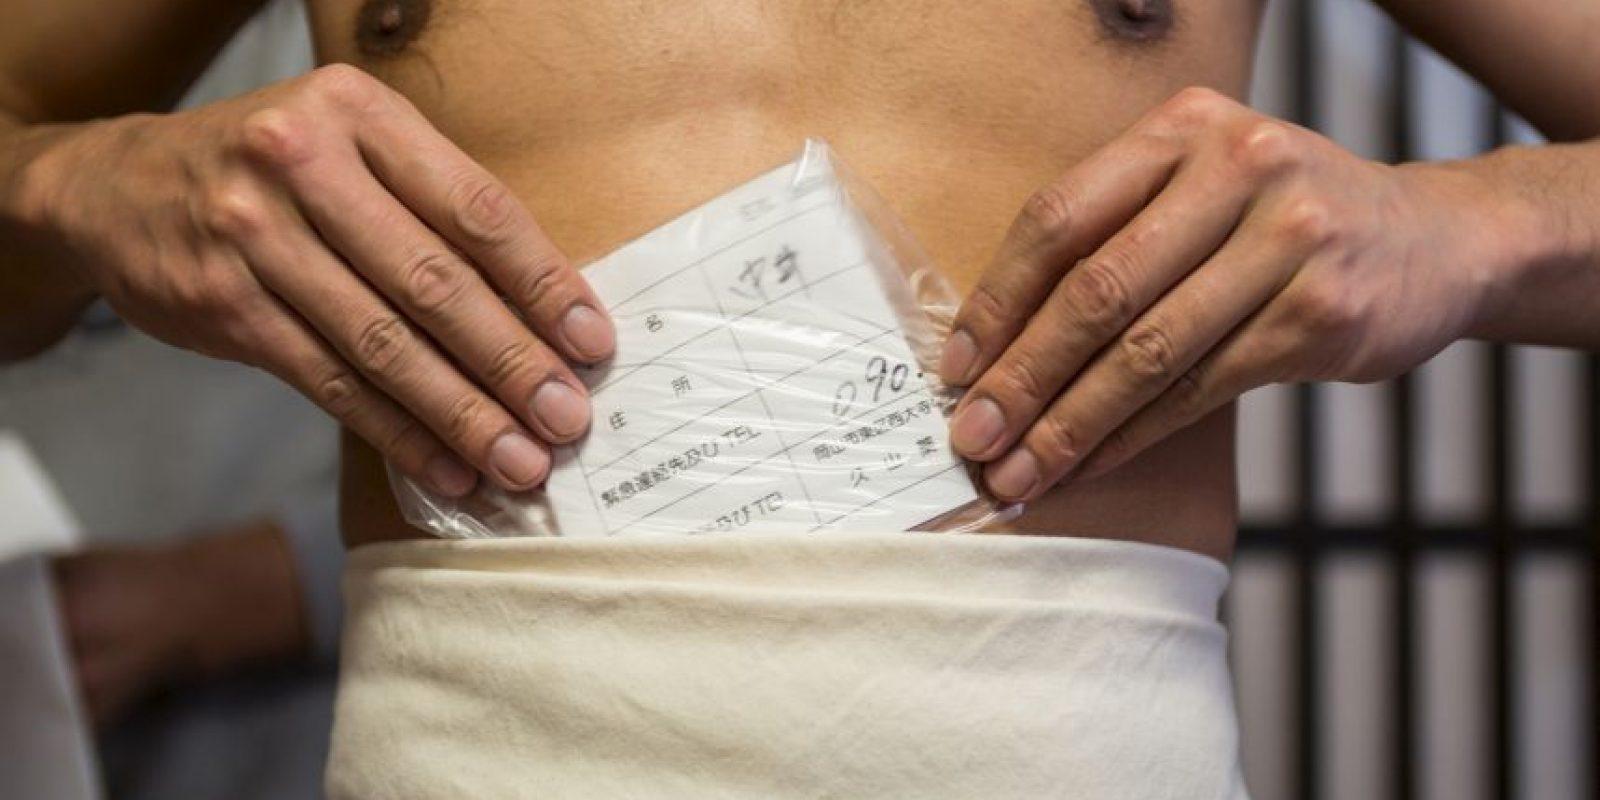 2. Los hombres guardan sus datos personales, como tipo de sangre, en caso de que sufran algún accidente en el festival. Foto:Getty